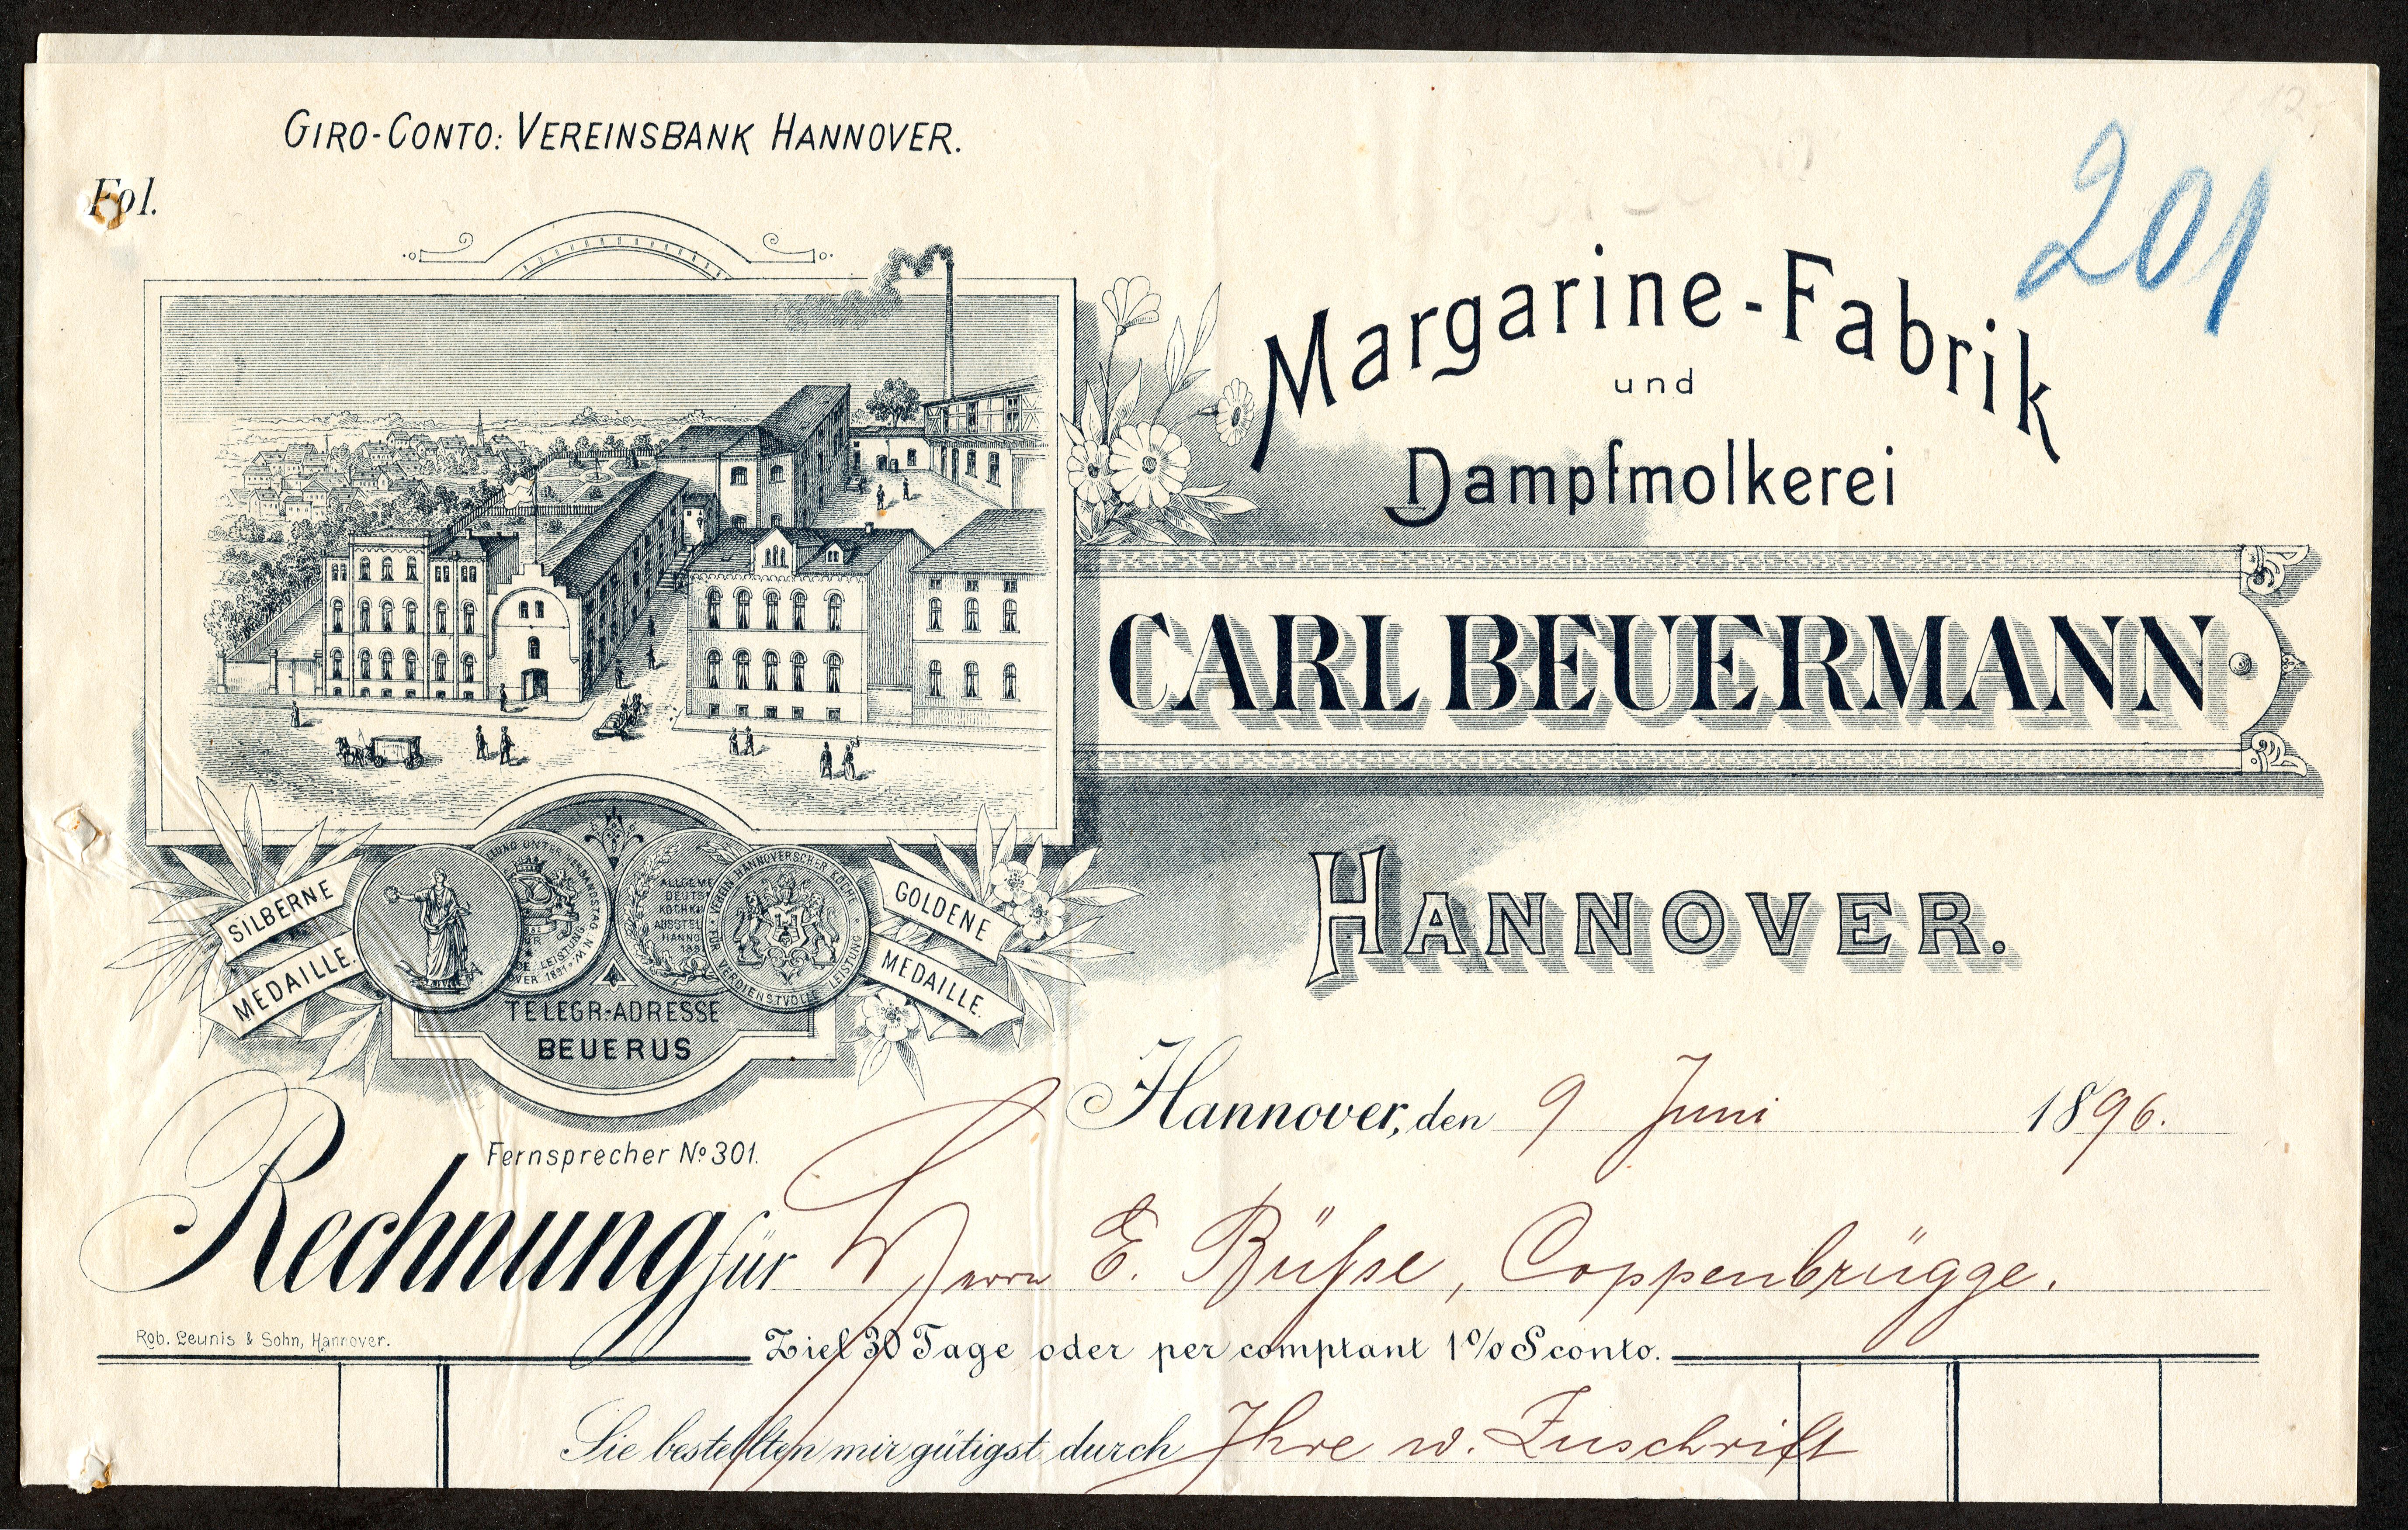 Dateimargarine Fabrik Und Dampfmolkerei Carl Beuermann Hannover